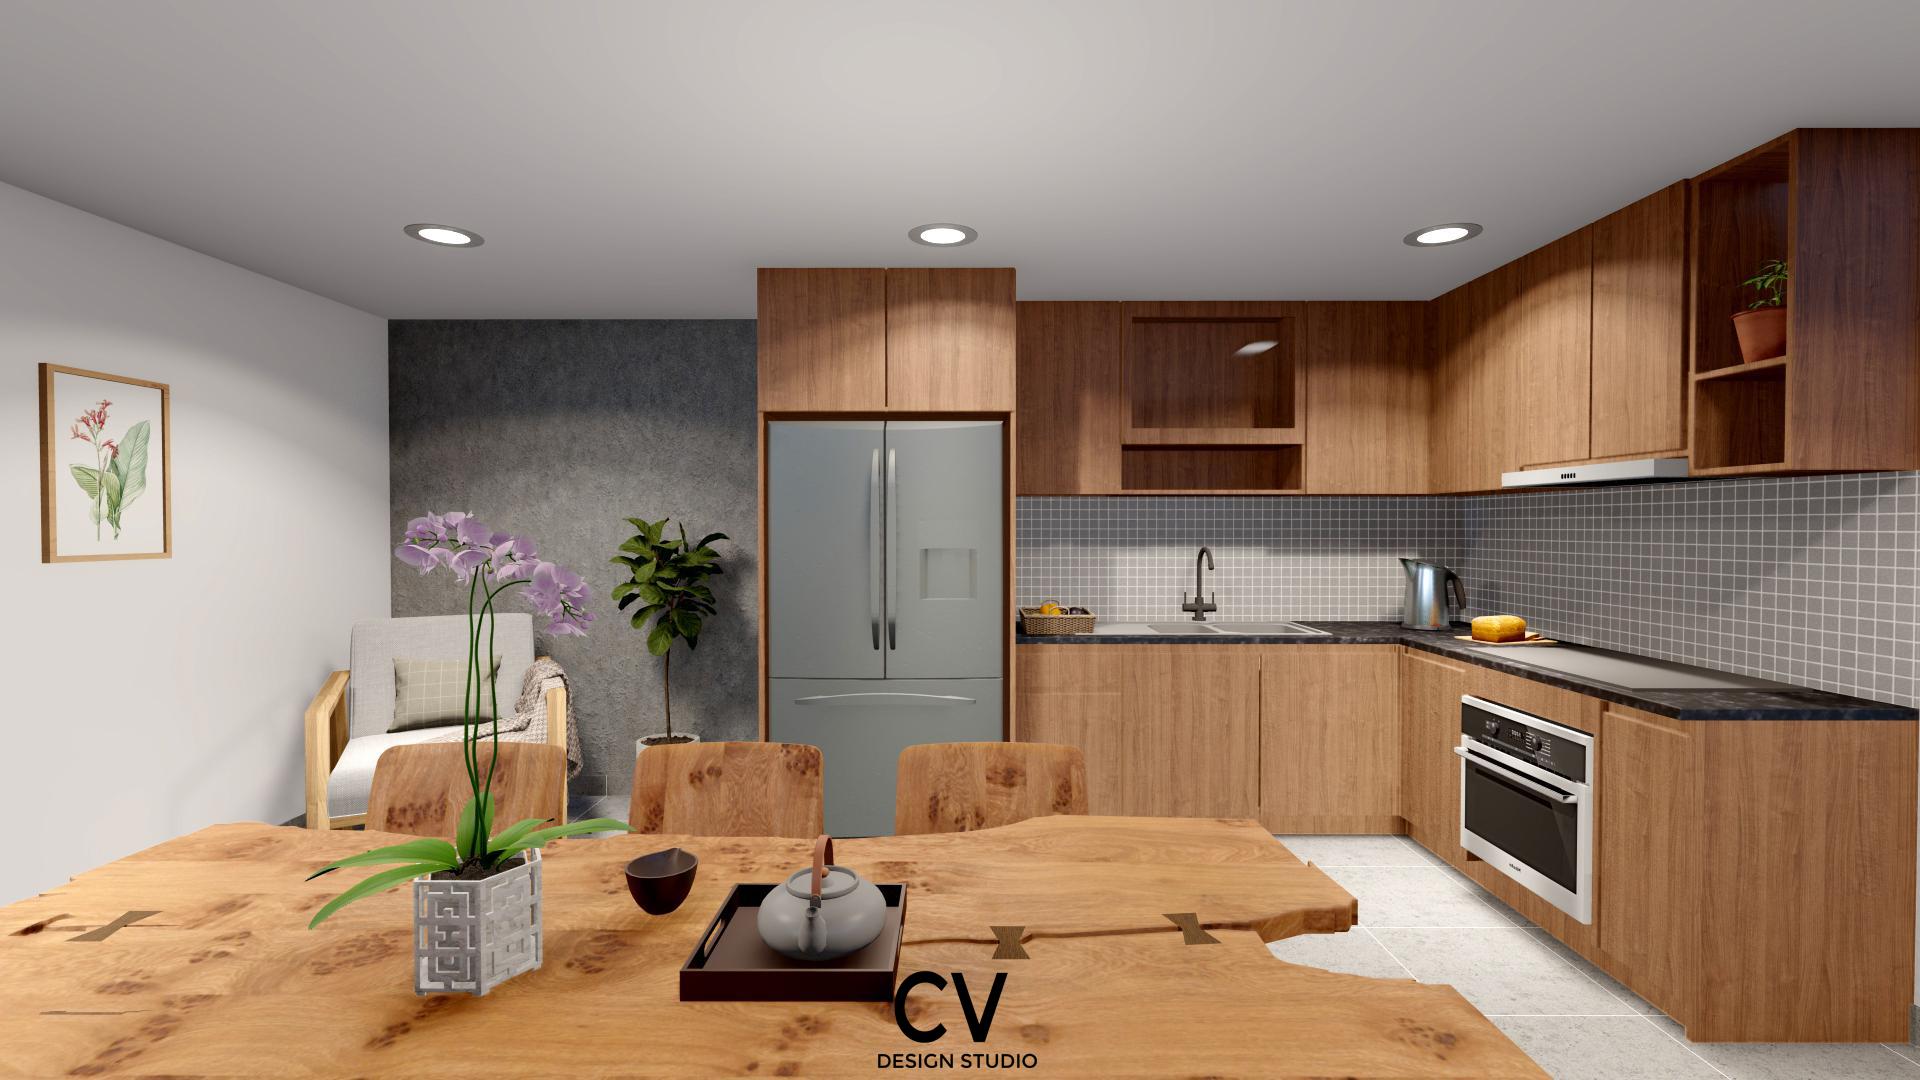 Thiết kế nội thất Nhà Mặt Phố tại An Giang H+ House 1600088020 4